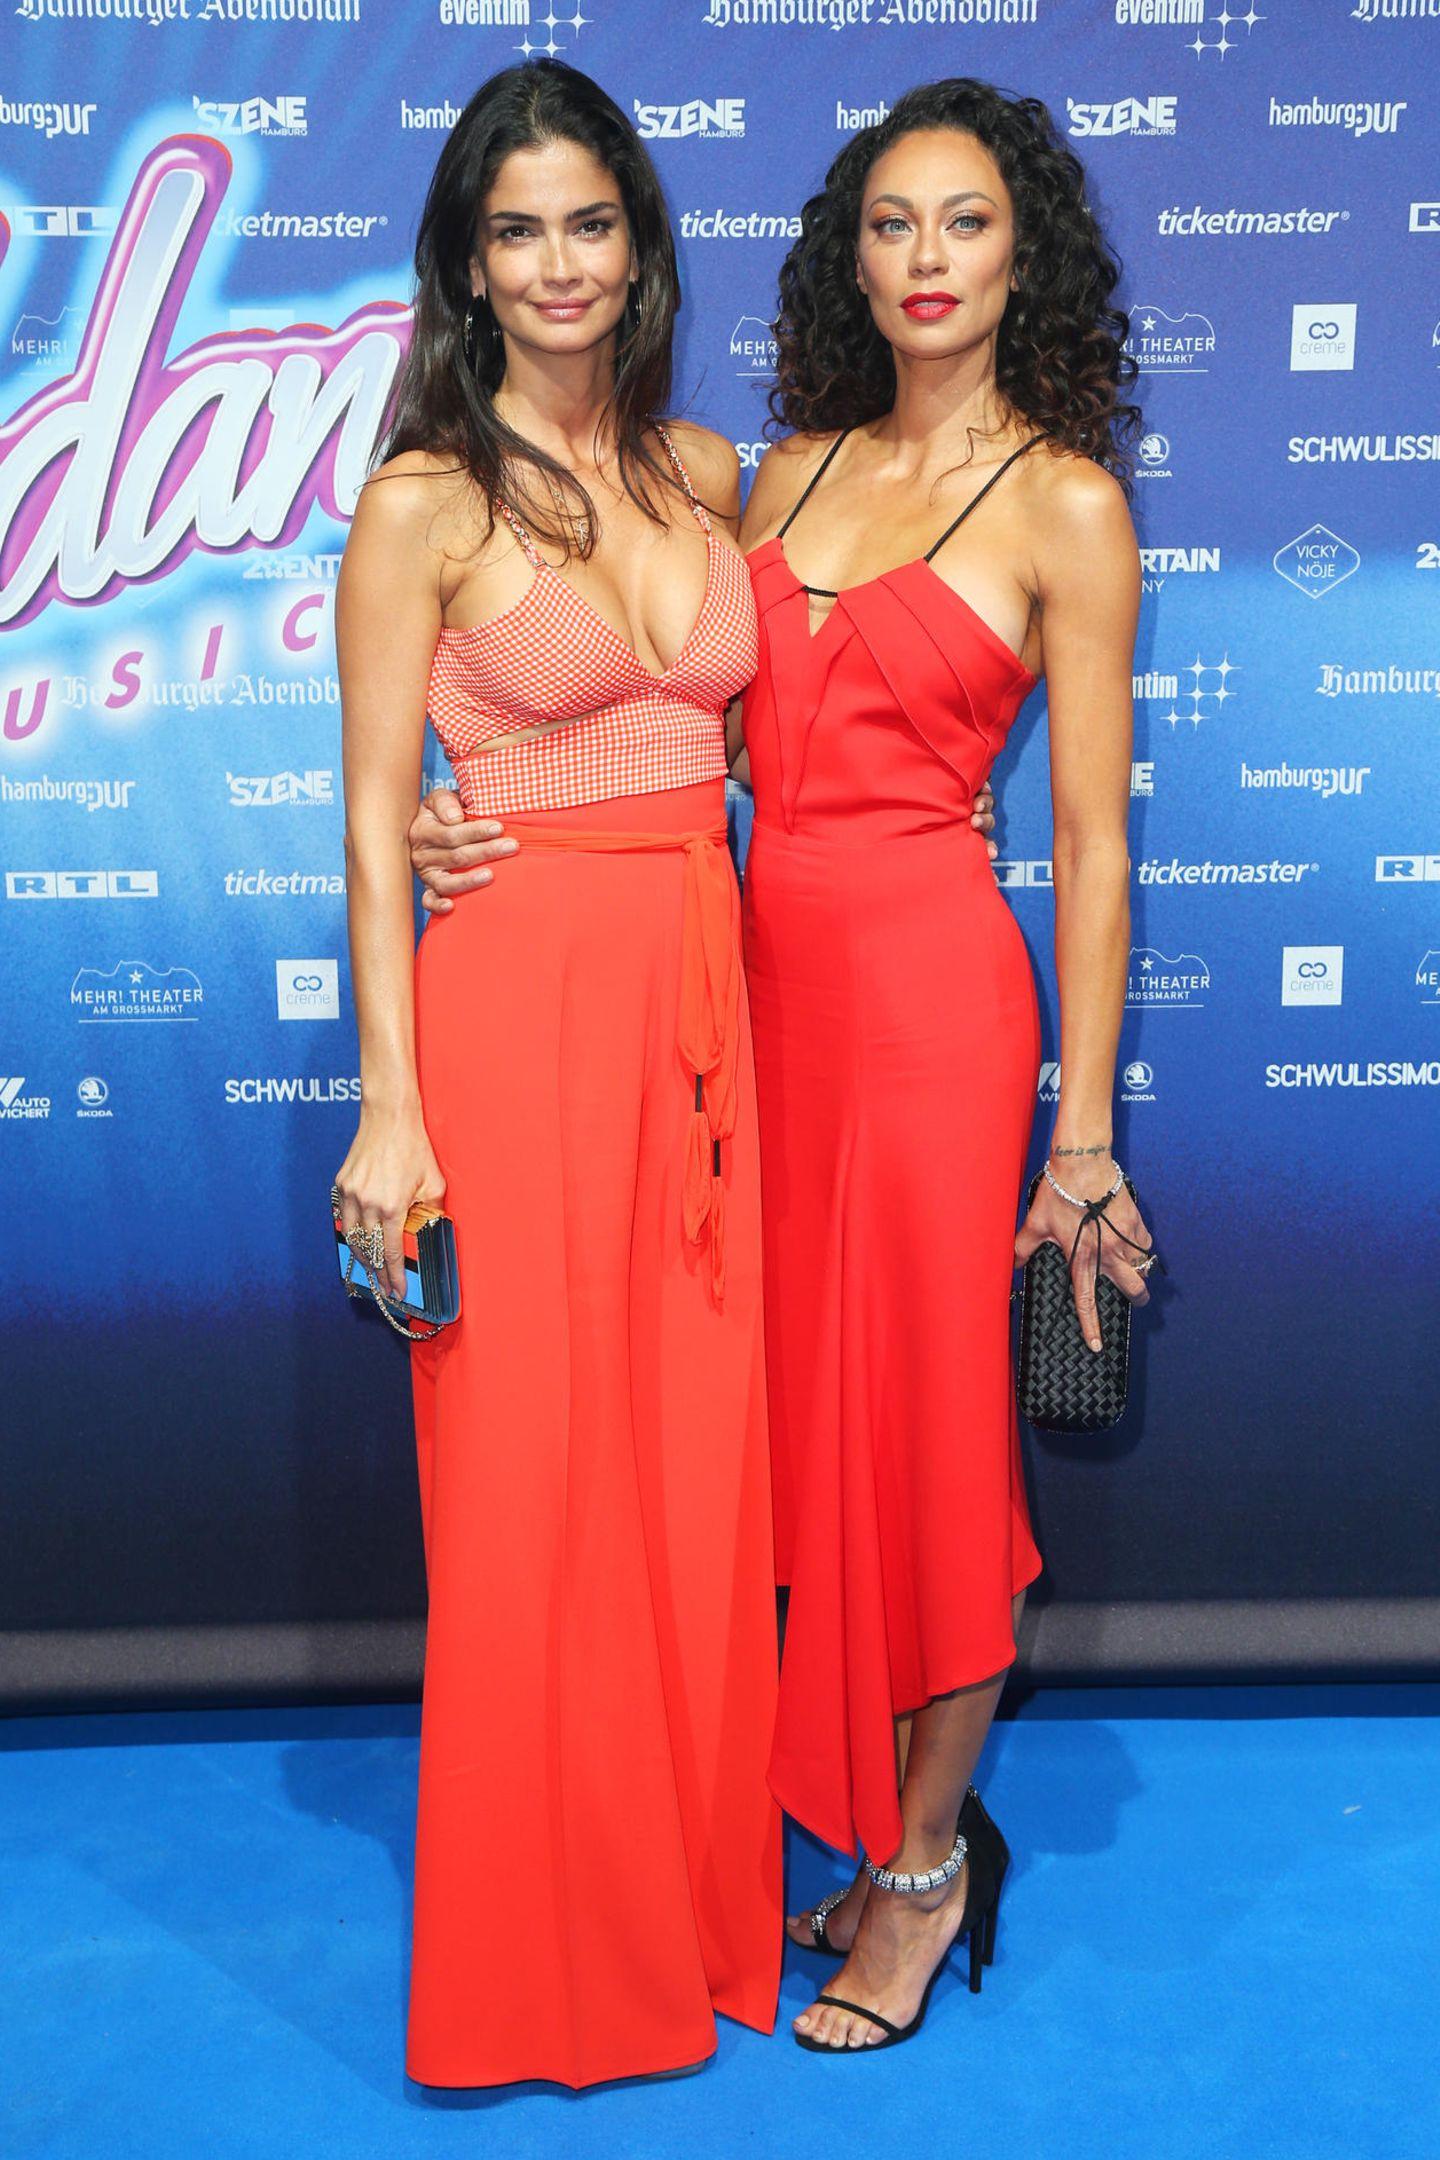 """In Hamburg wird die Deutschland-Premiere des Musicals """"Flashdance"""" gefeiert. Shermine Shahrivar und Lilly Becker präsentieren sich dabei gemeinsam auf dem roten Teppich. Auch farblich hat sich das sexy Duo aufeinander abgestimmt."""